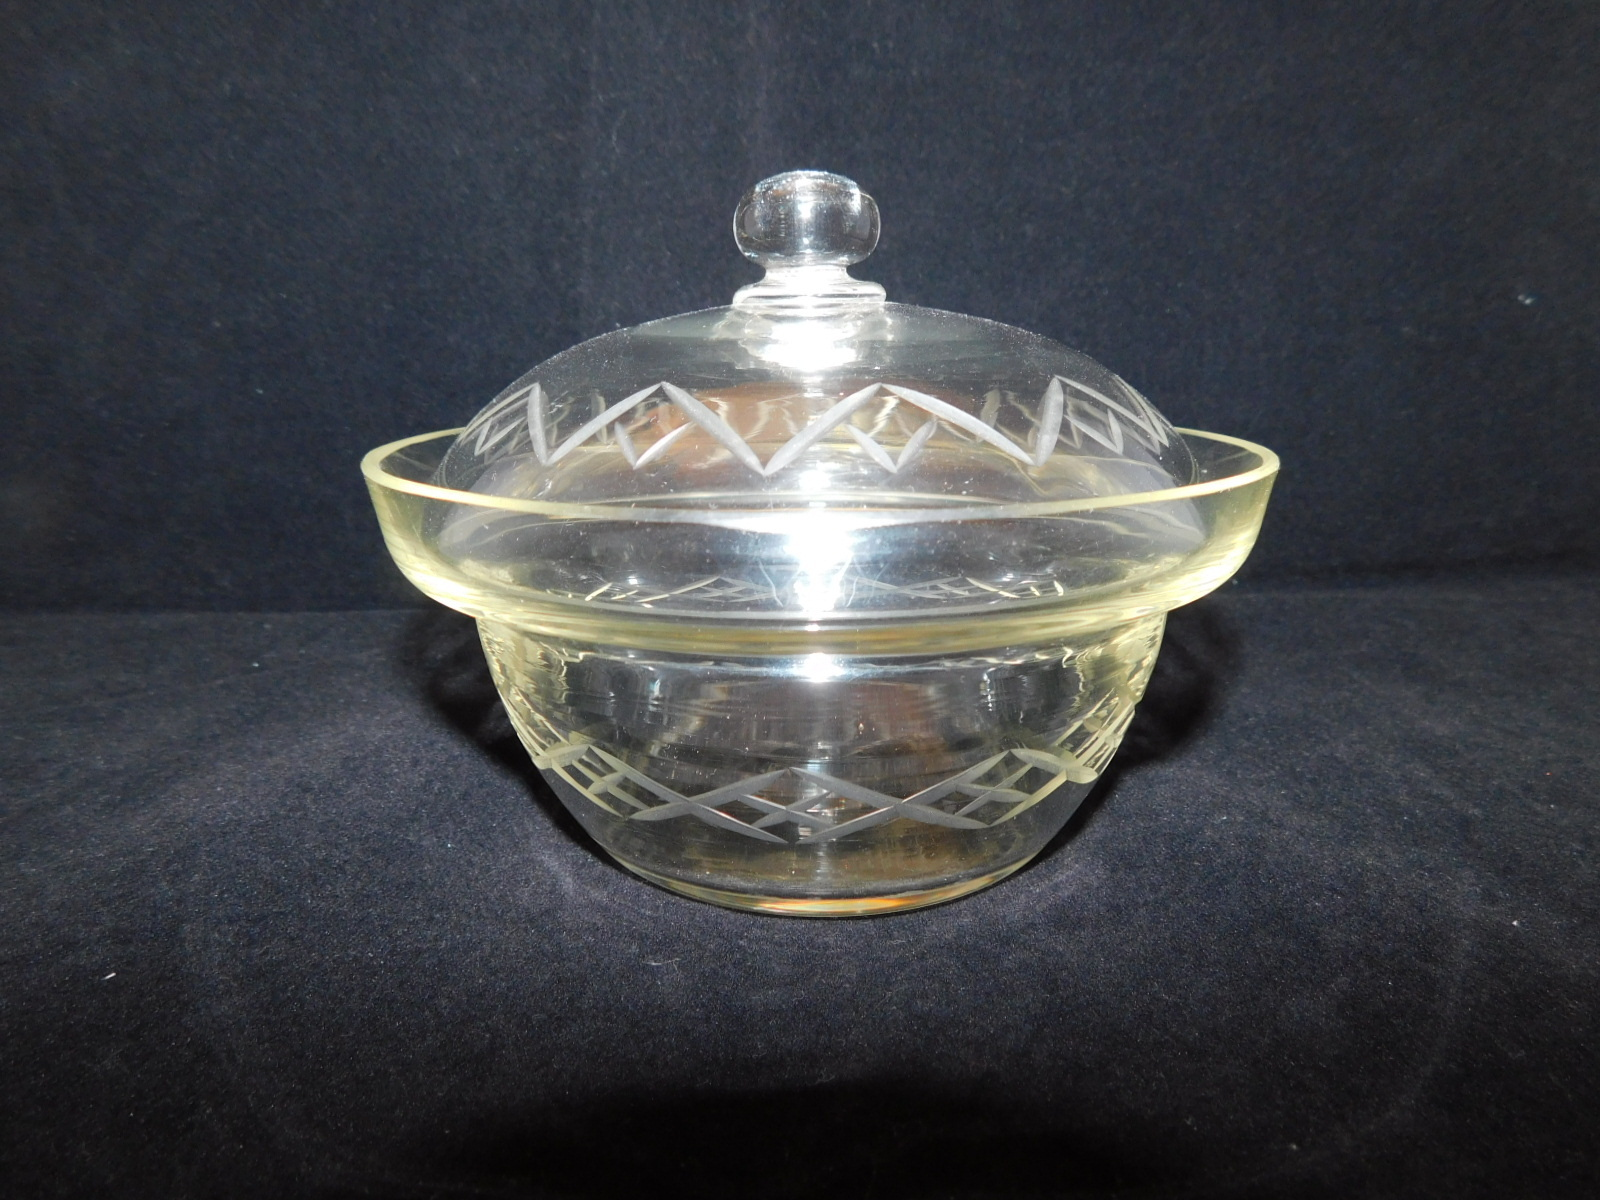 硝子蓋物 oil glass bowl and cover(made in Japan)